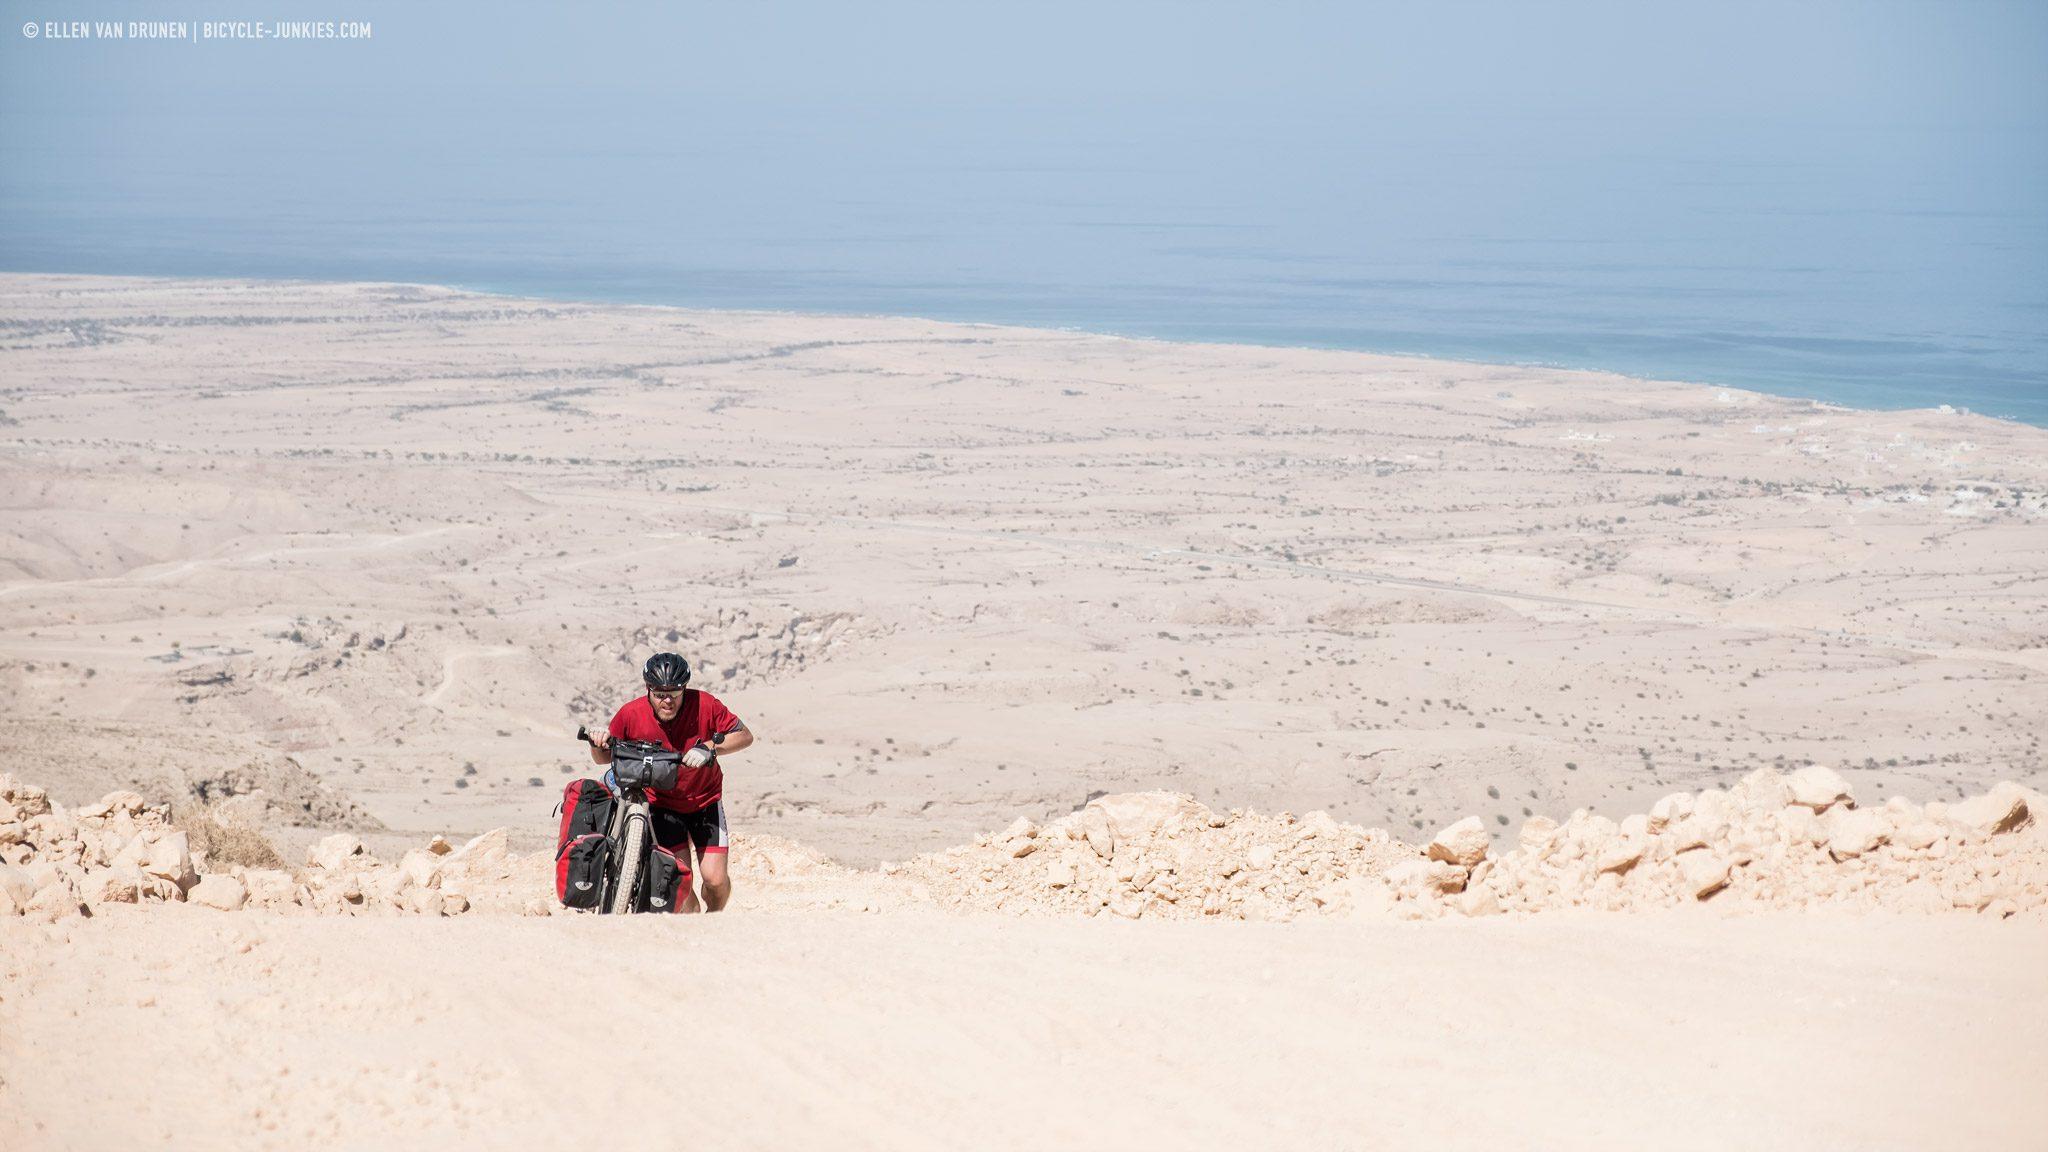 29% uphill in Oman